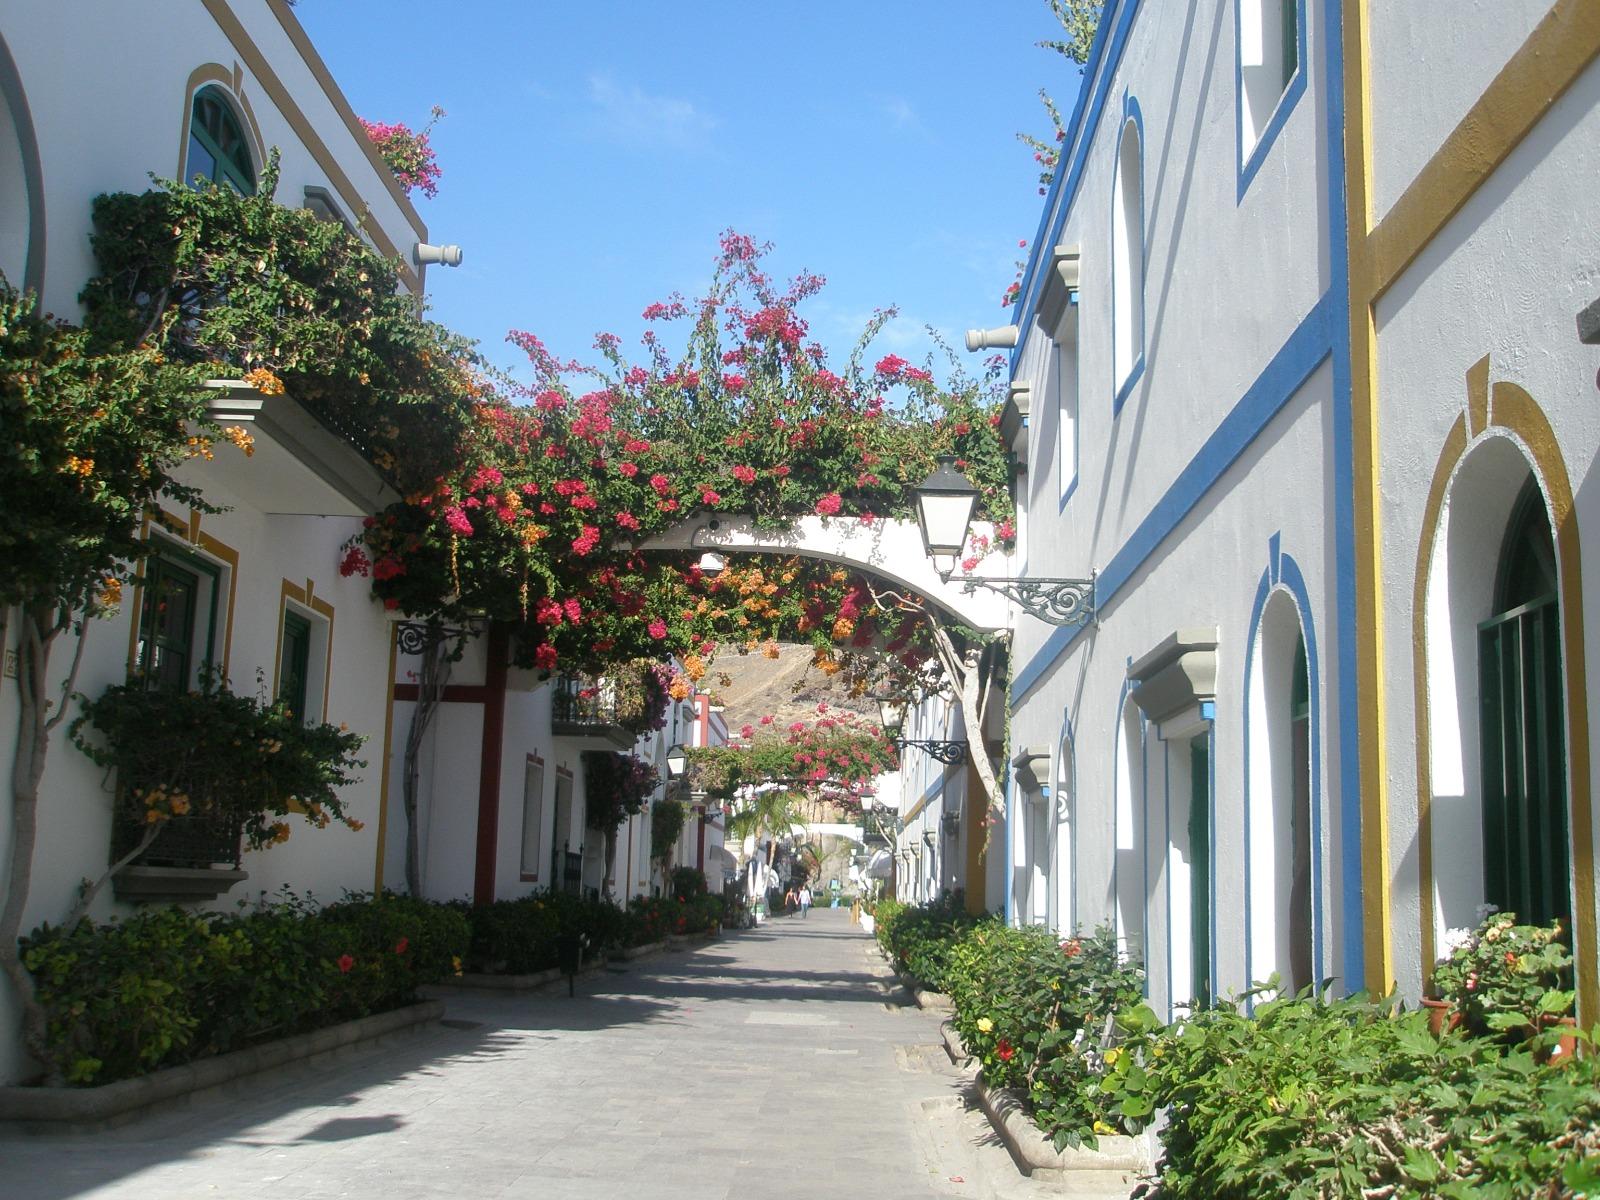 calle - casas - buganvillas - fachadas - flores